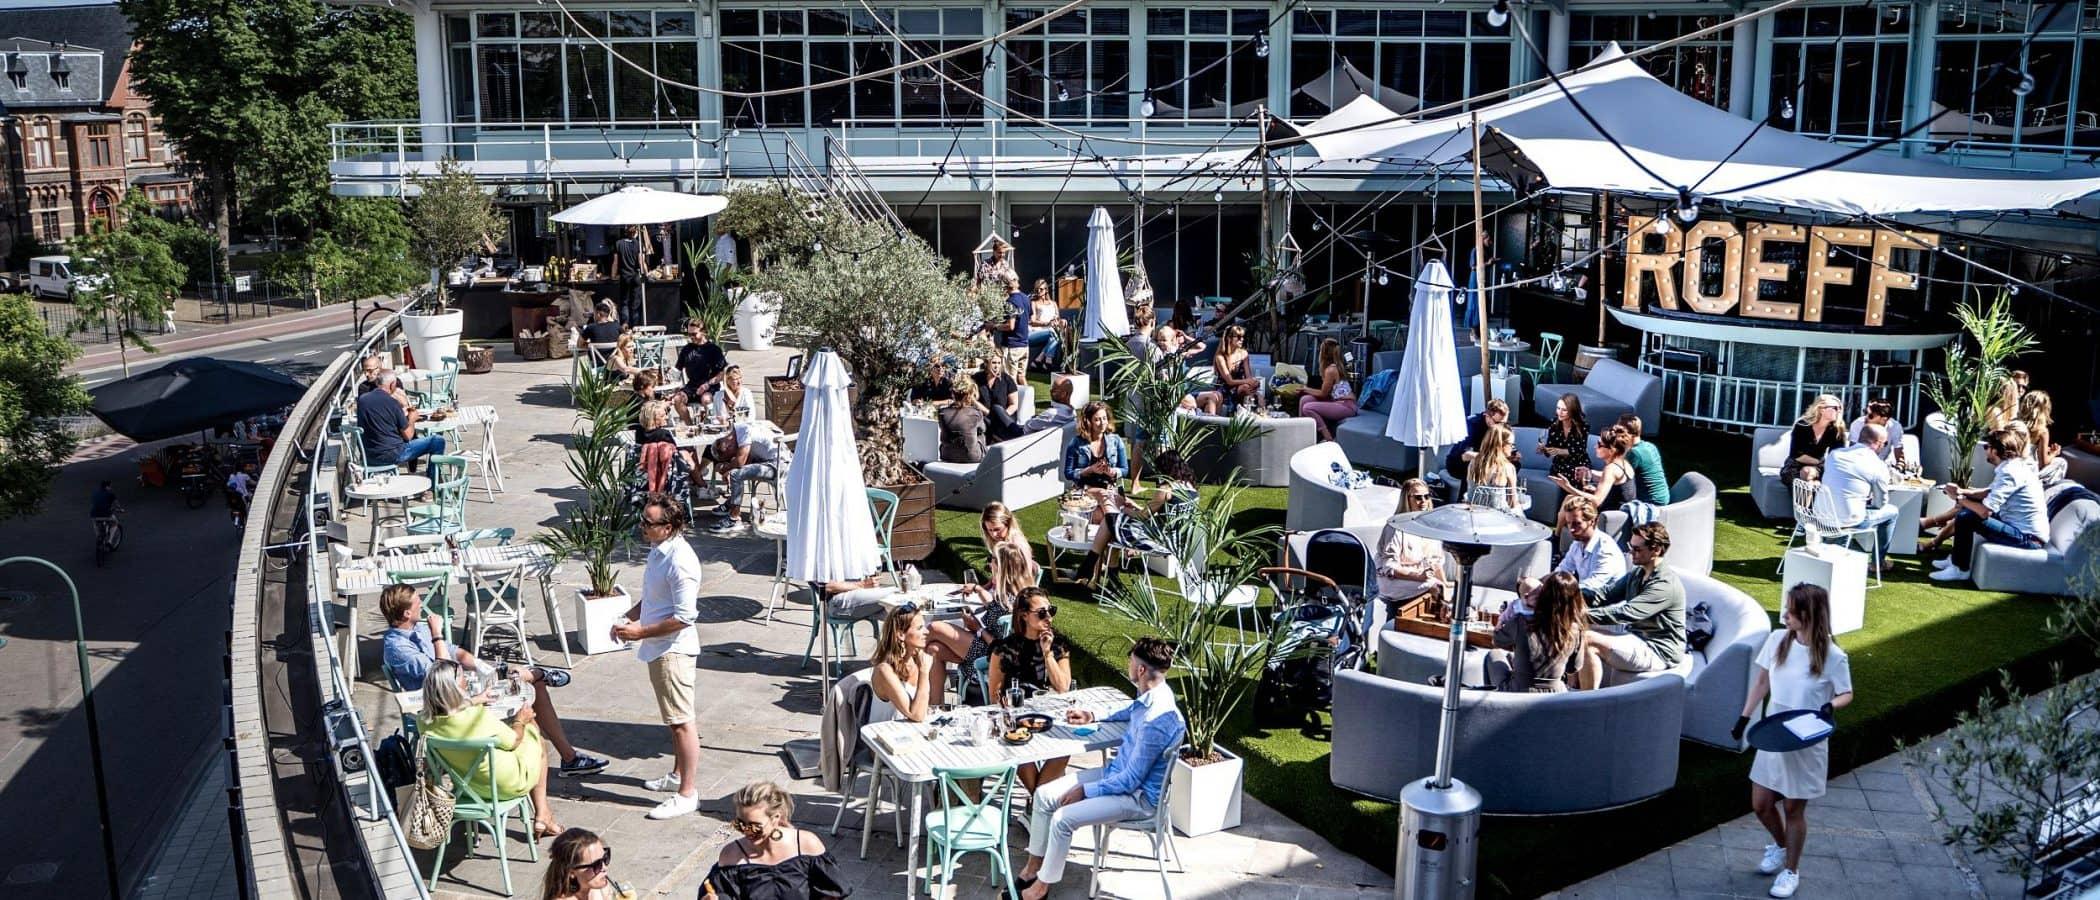 gooiland-dakterras-restaurant-gooiland-rooftop-bar-catering-hilversum